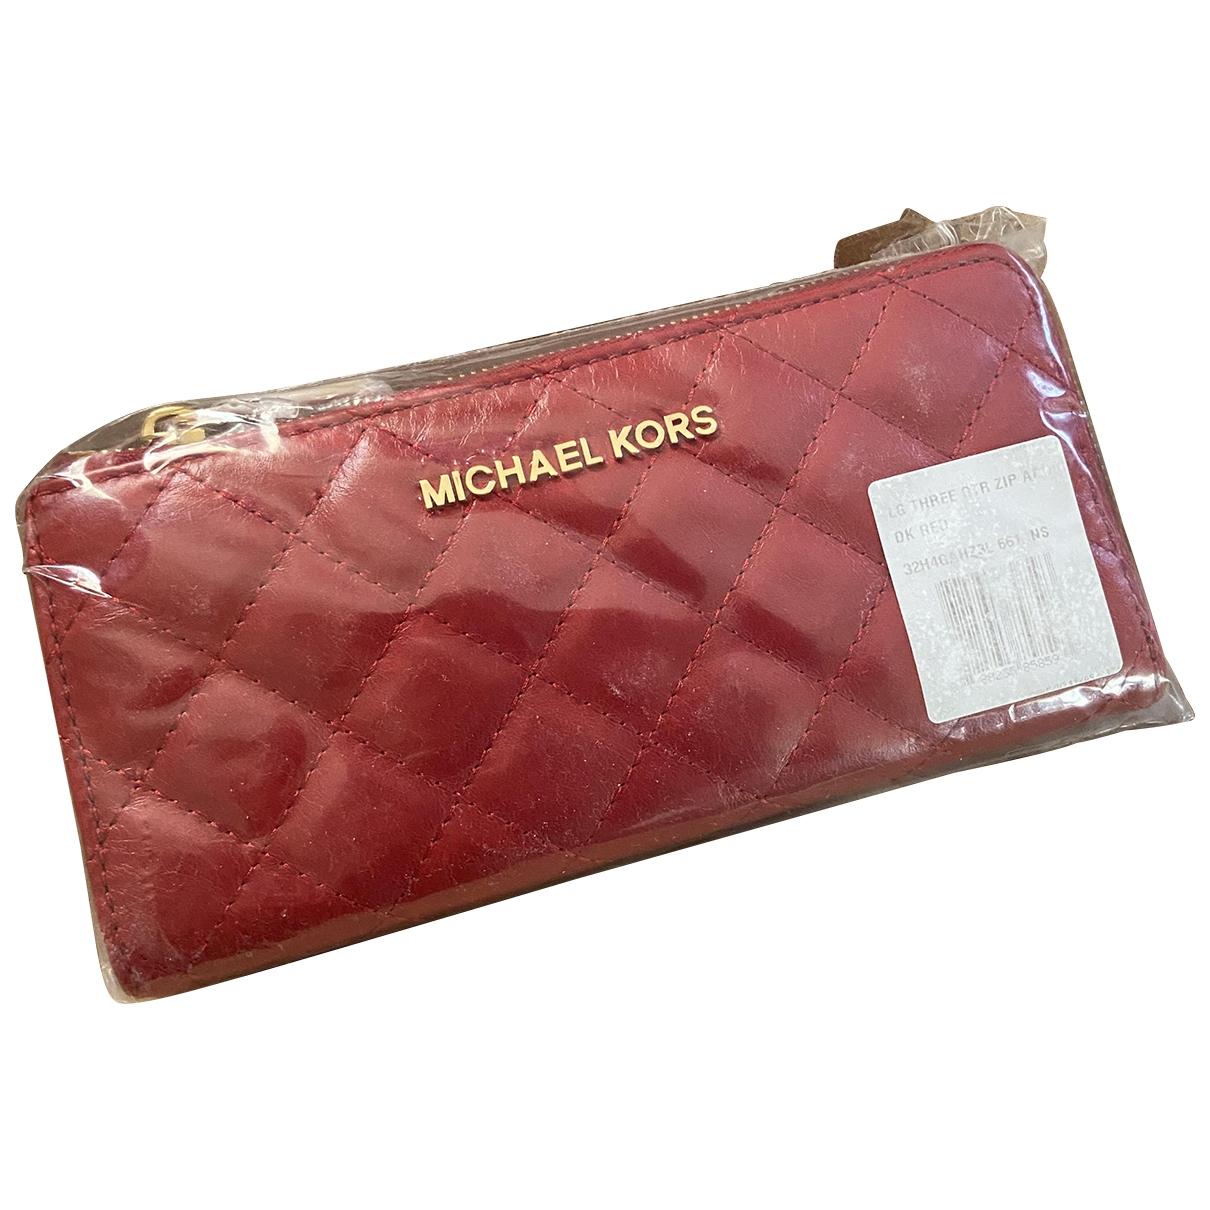 Michael Kors - Petite maroquinerie   pour femme en cuir - rouge